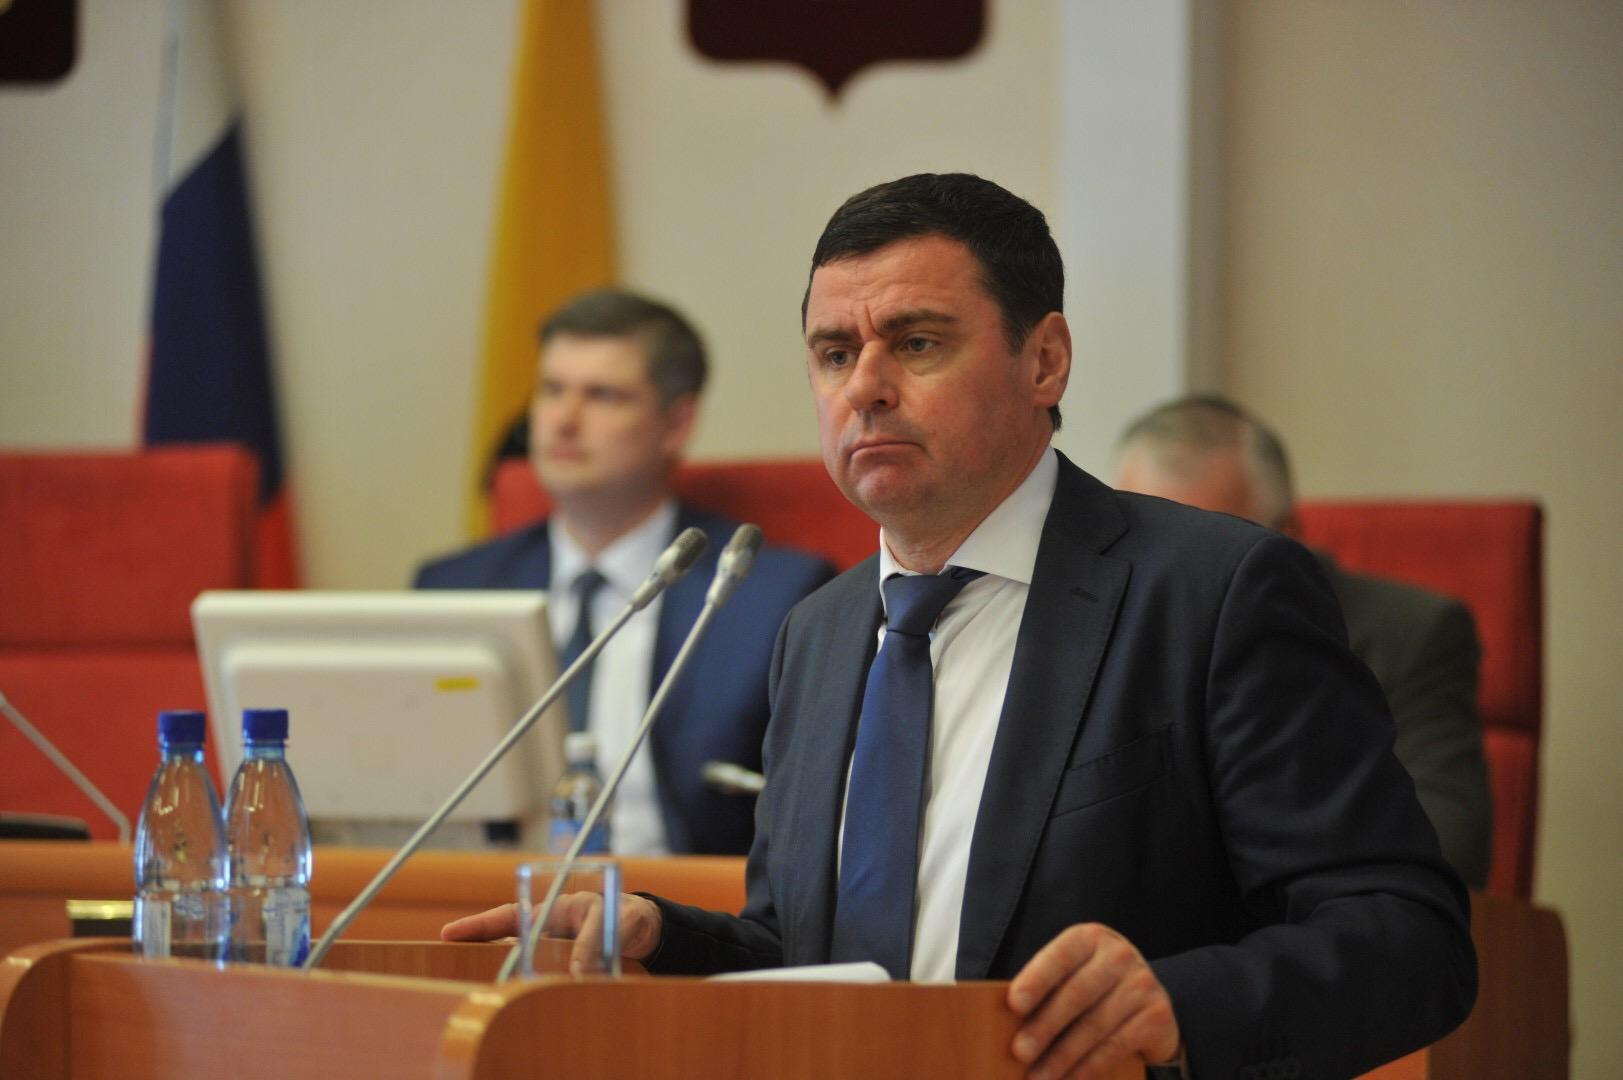 Московский мусор, экология и новые дороги: Дмитрий Миронов выступил с отчетом о деятельности регионального правительства